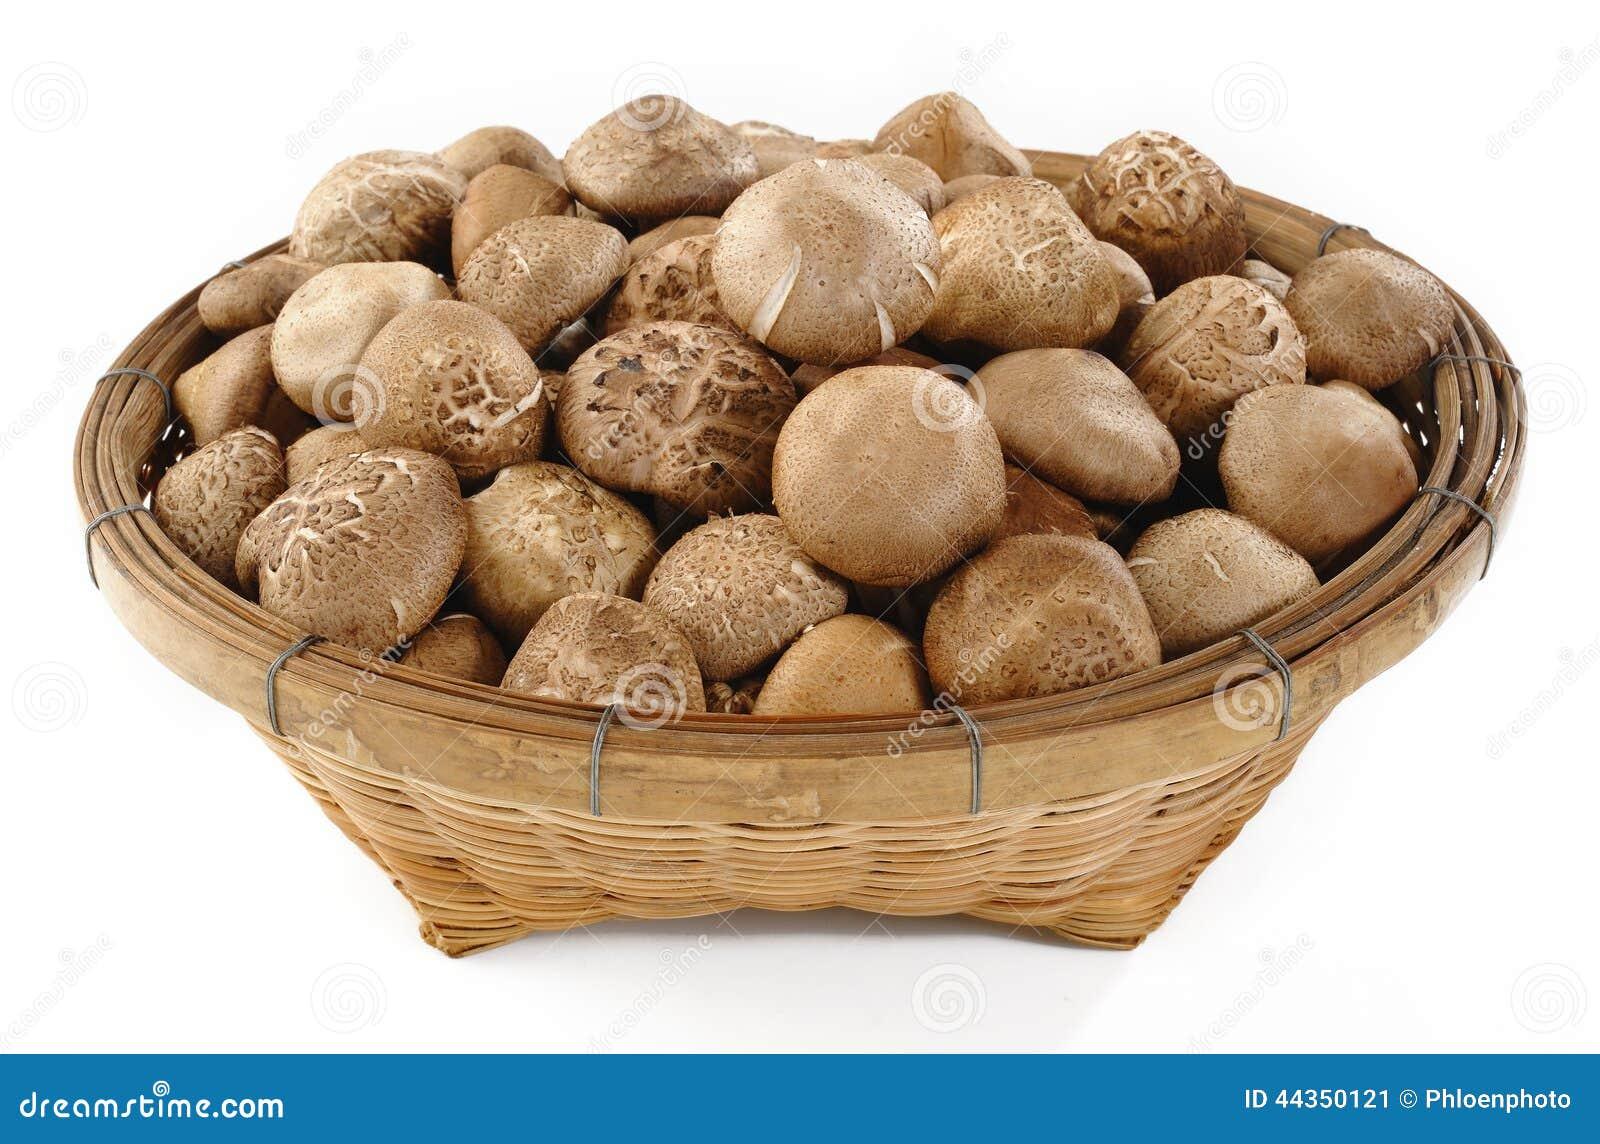 Funghi di shiitake crudi